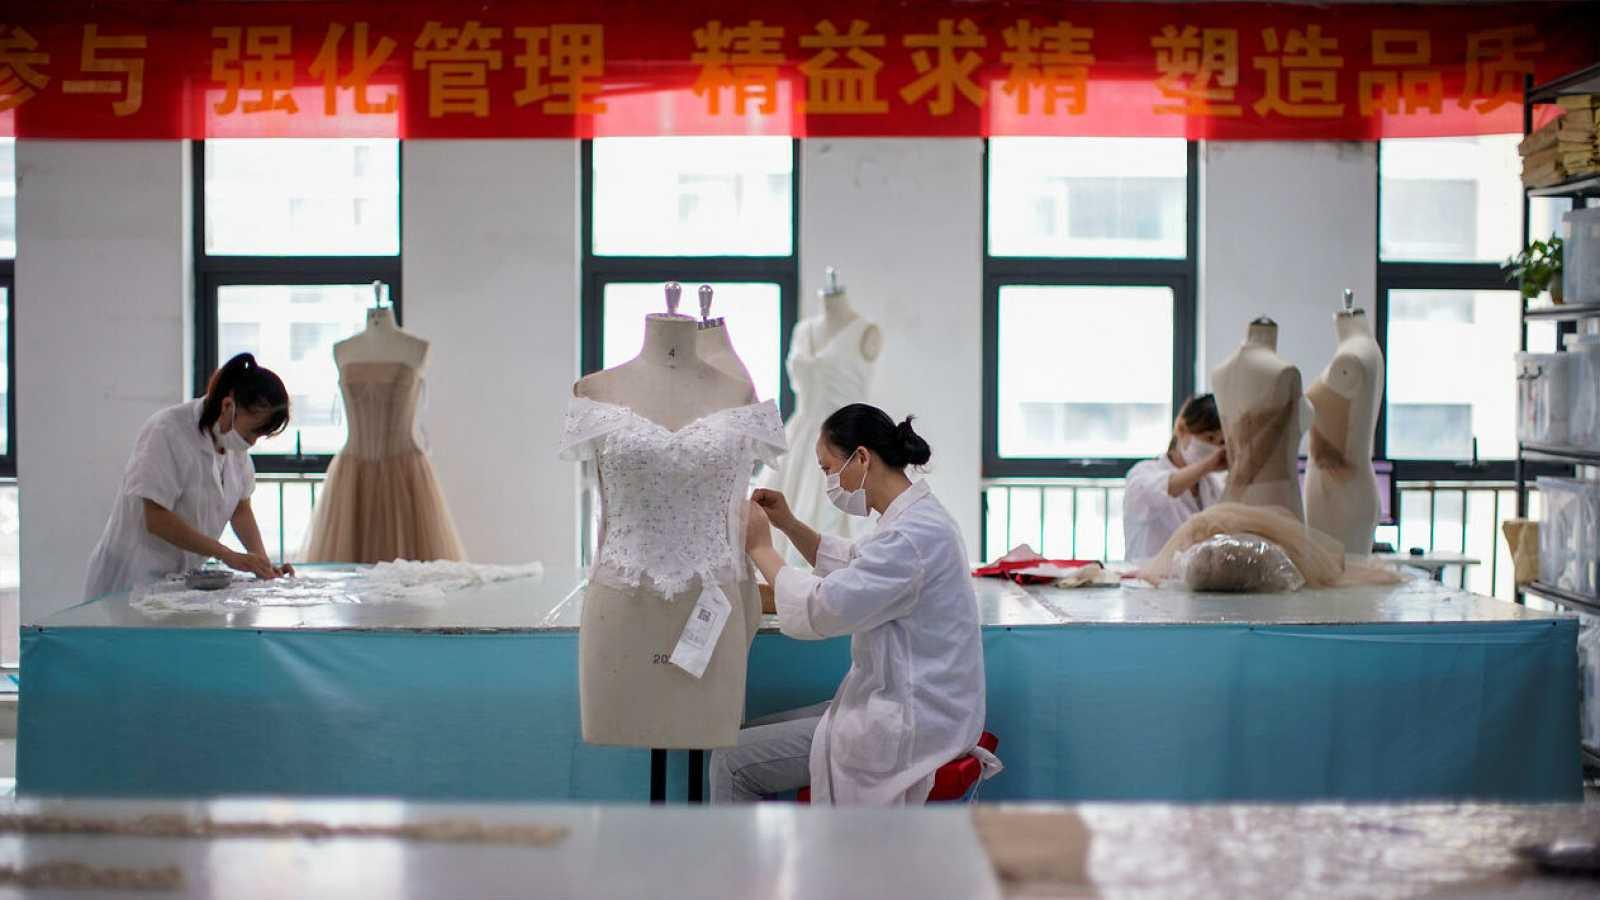 Empleados trabajan en prendas de vestir en una fábrica en Suzhou, provincia de Jiangsu, China.